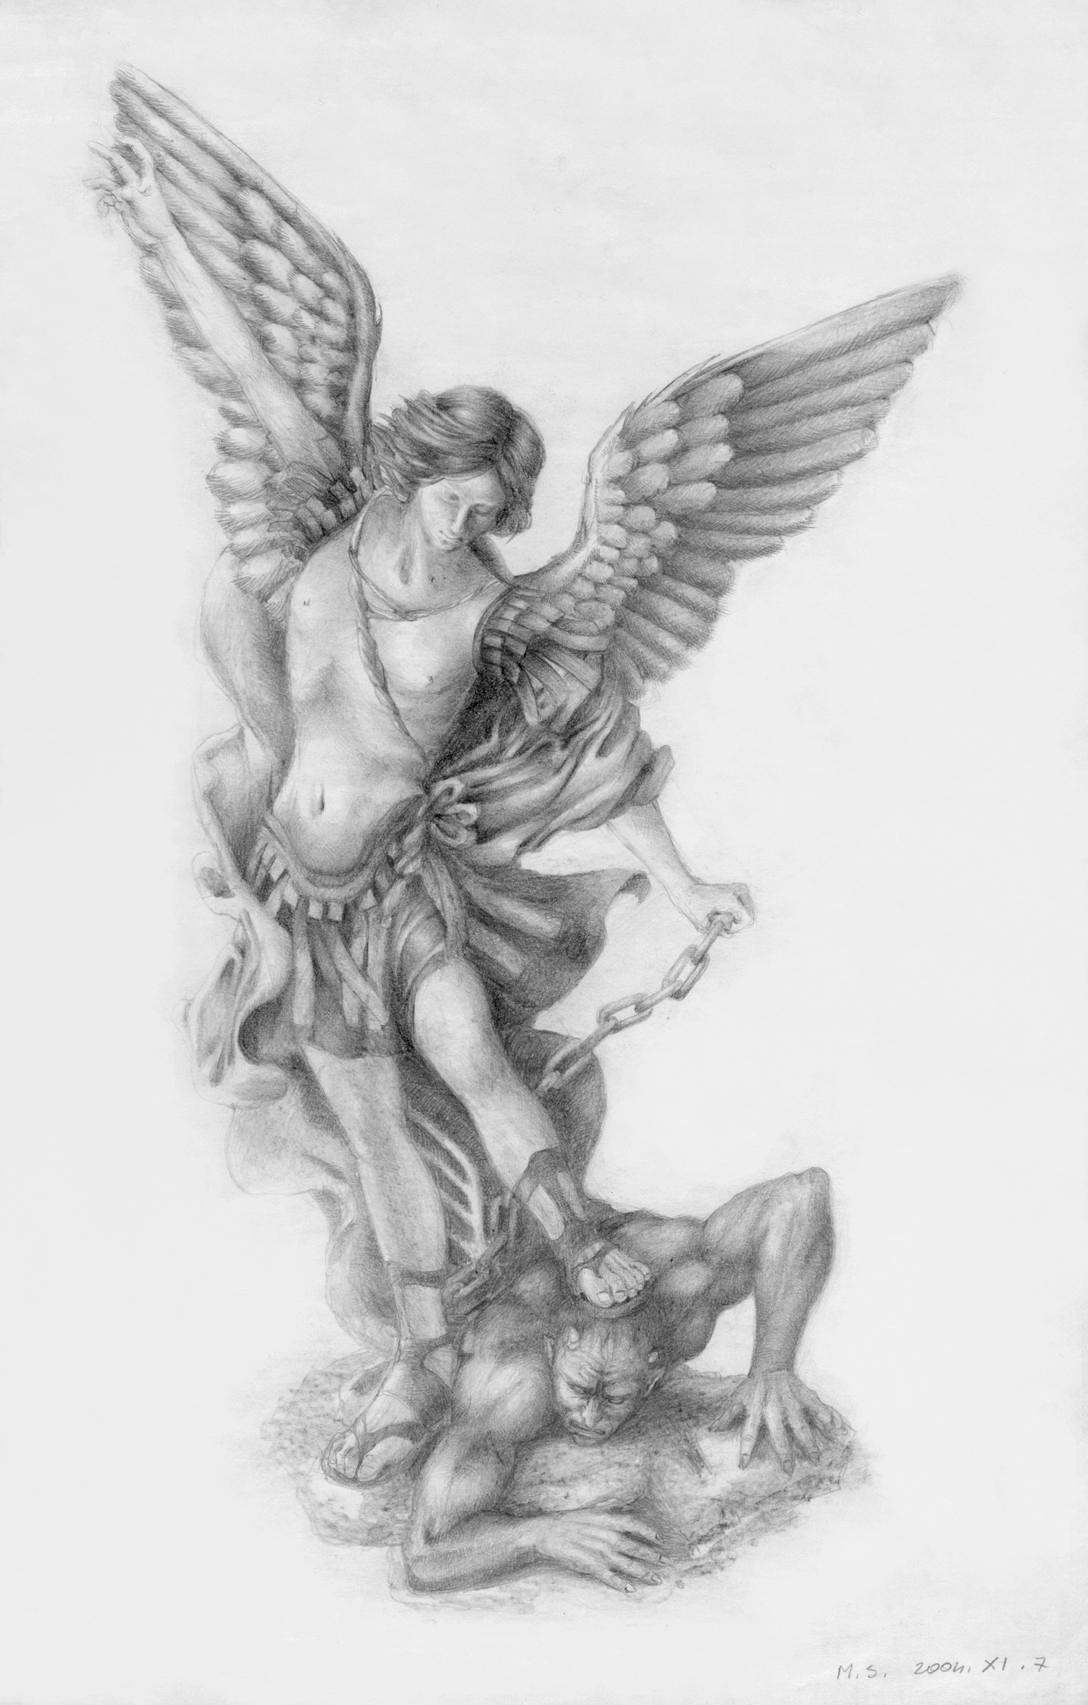 St. Michael defeating devil